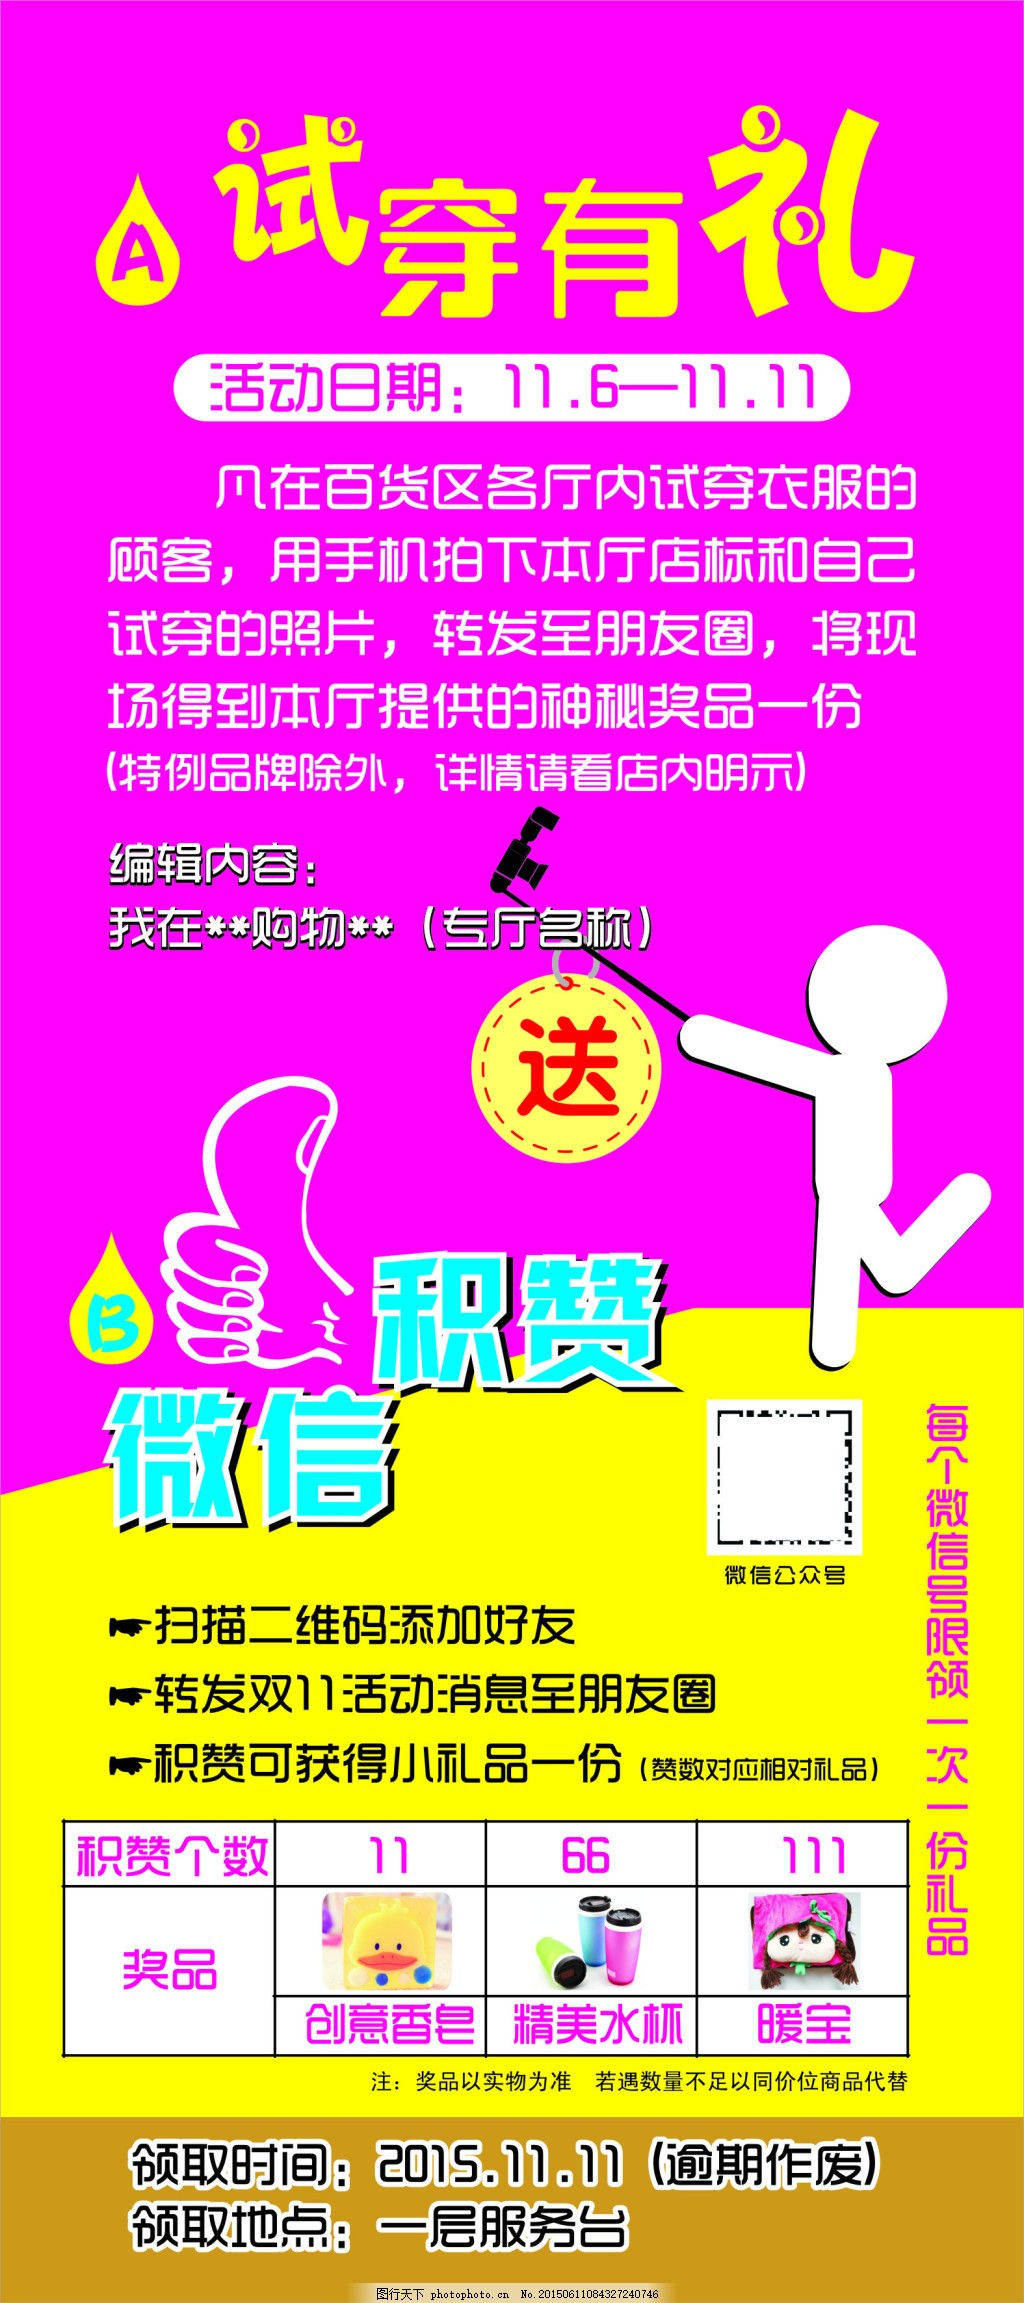 双11活动微信积赞展架 试穿有礼 自拍 送好礼 大拇指 点赞 紫色